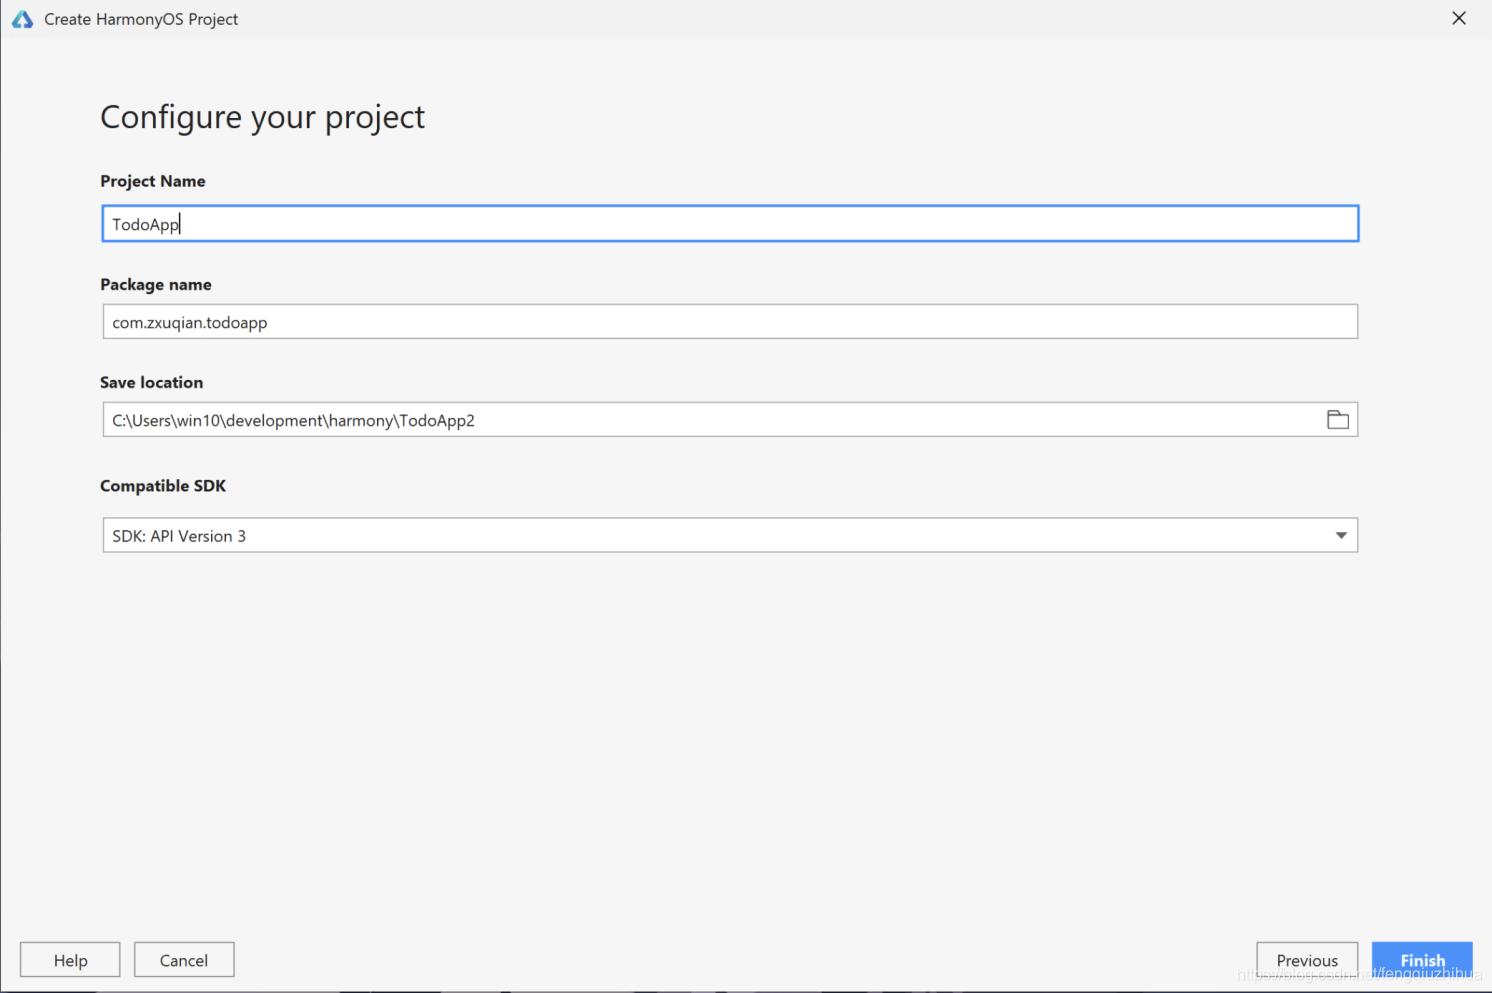 配置项目信息